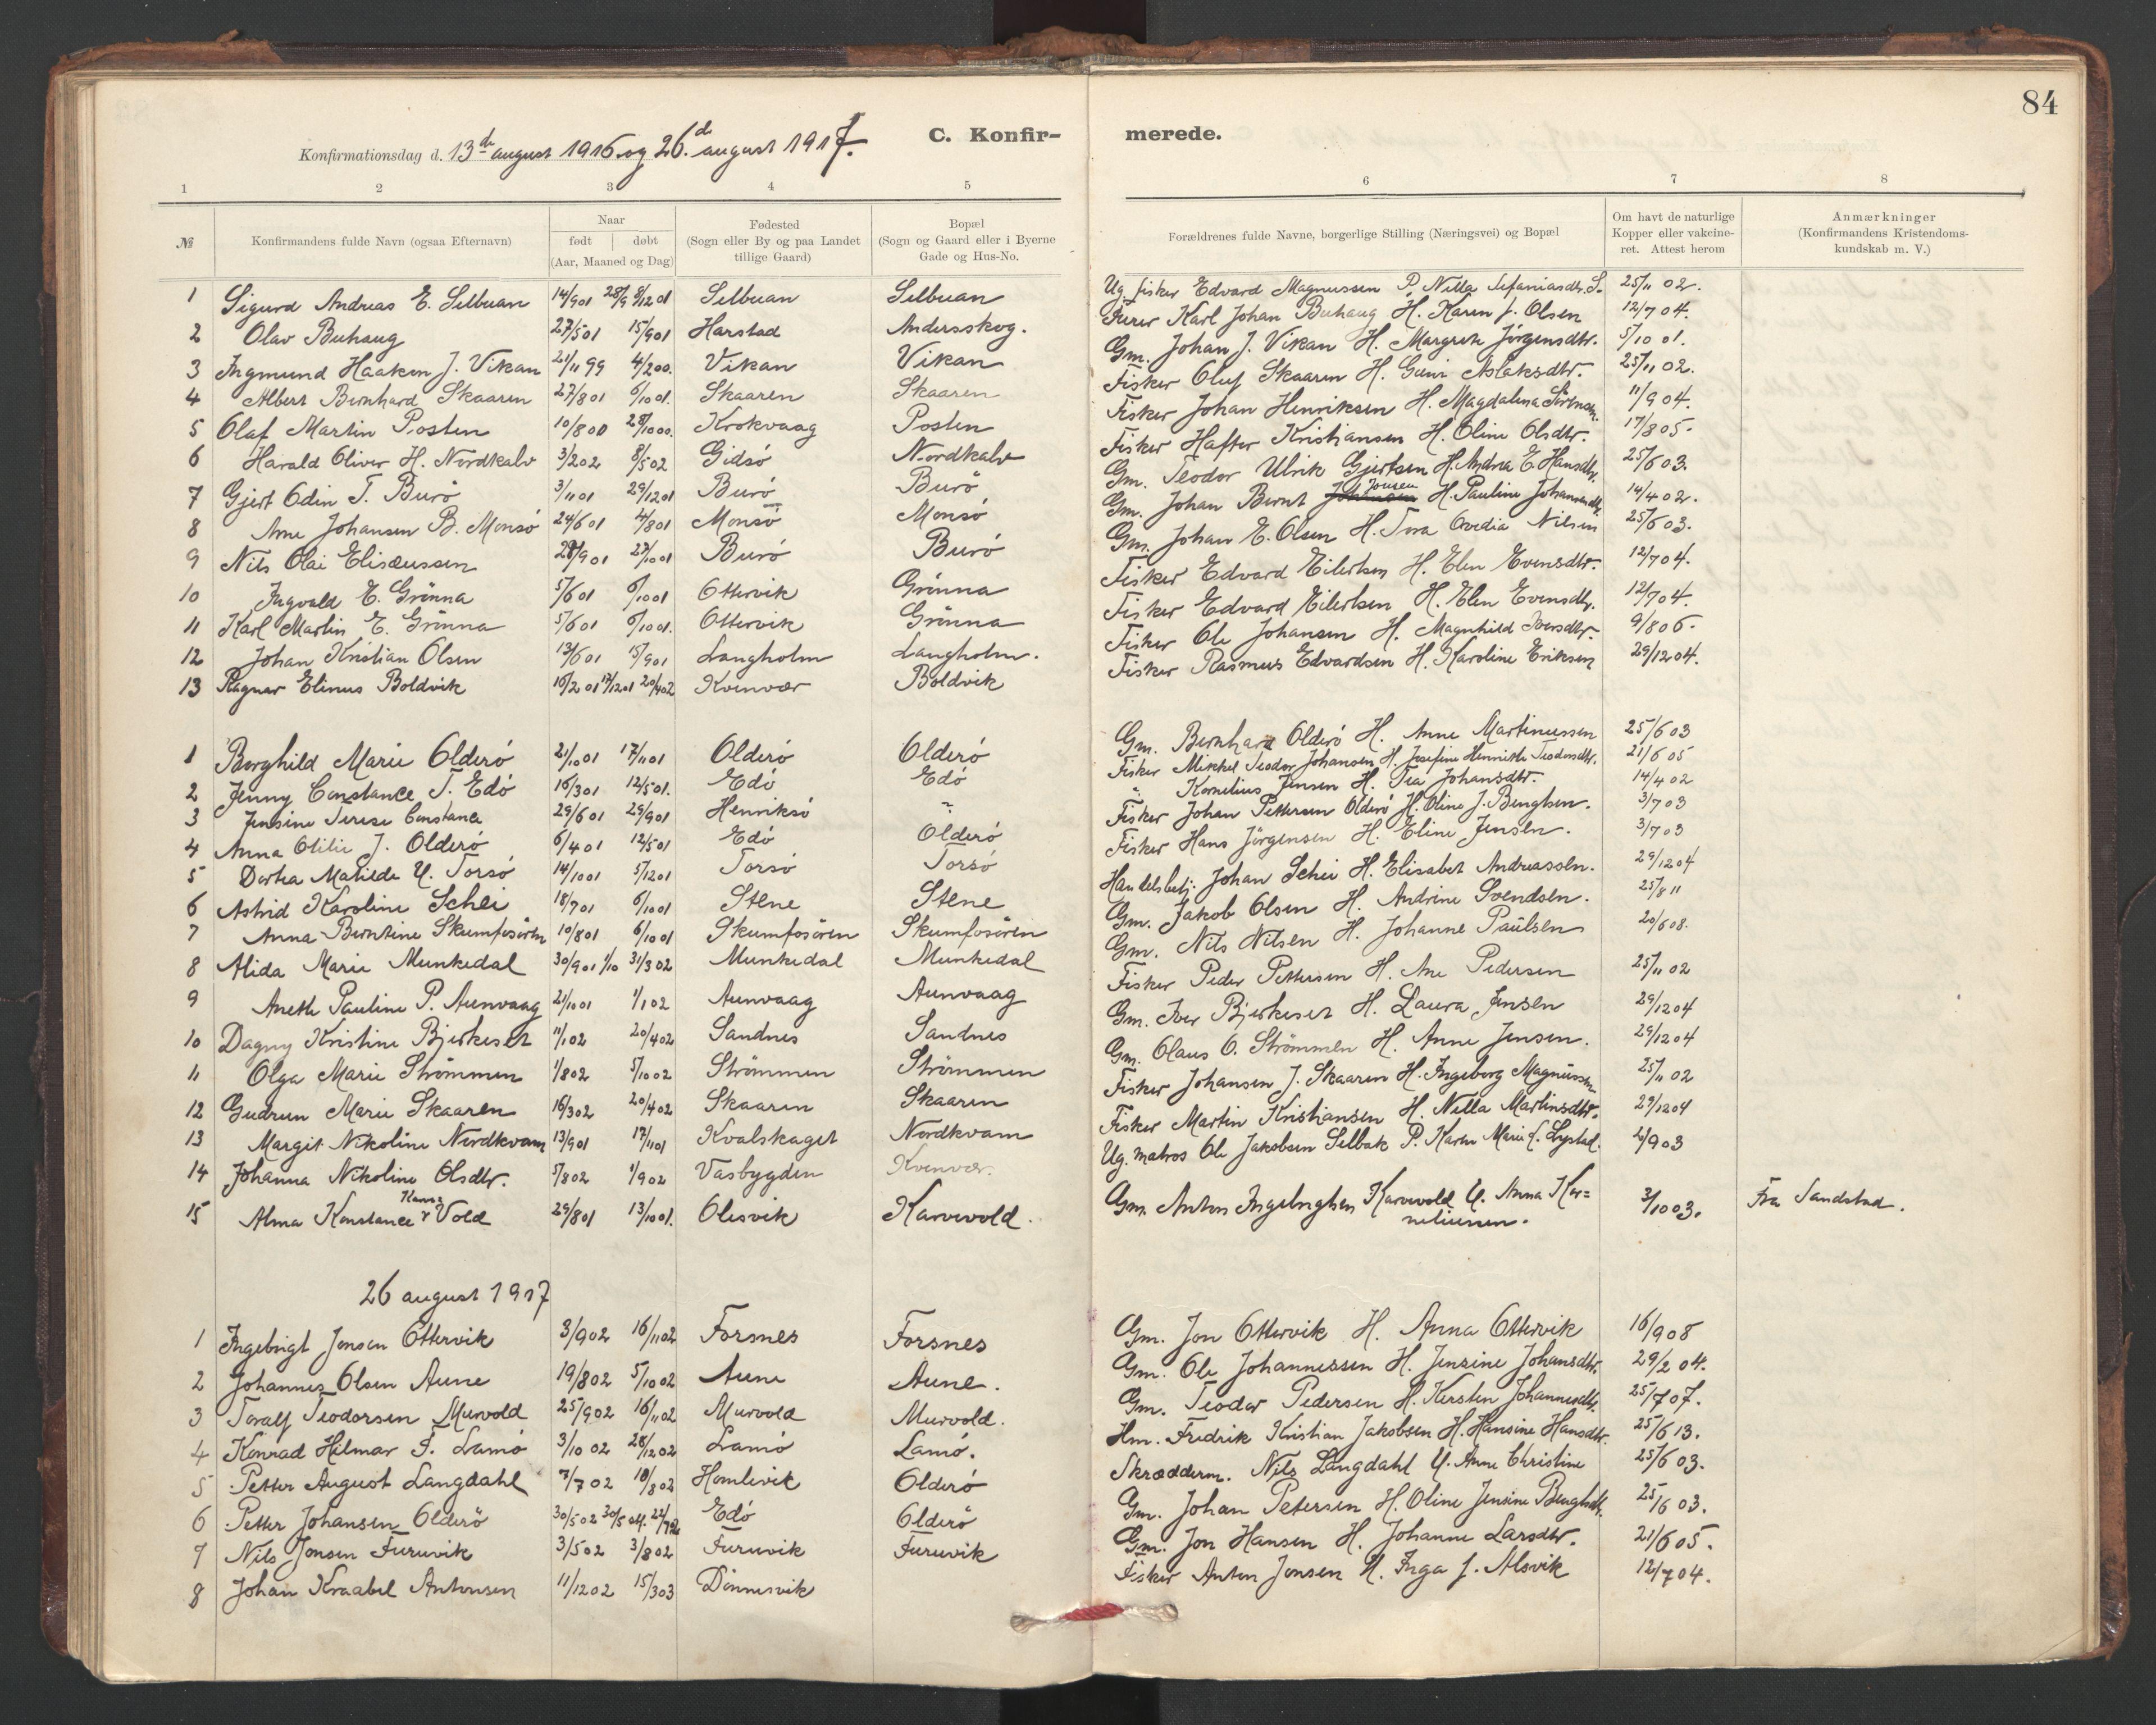 SAT, Ministerialprotokoller, klokkerbøker og fødselsregistre - Sør-Trøndelag, 635/L0552: Ministerialbok nr. 635A02, 1899-1919, s. 84